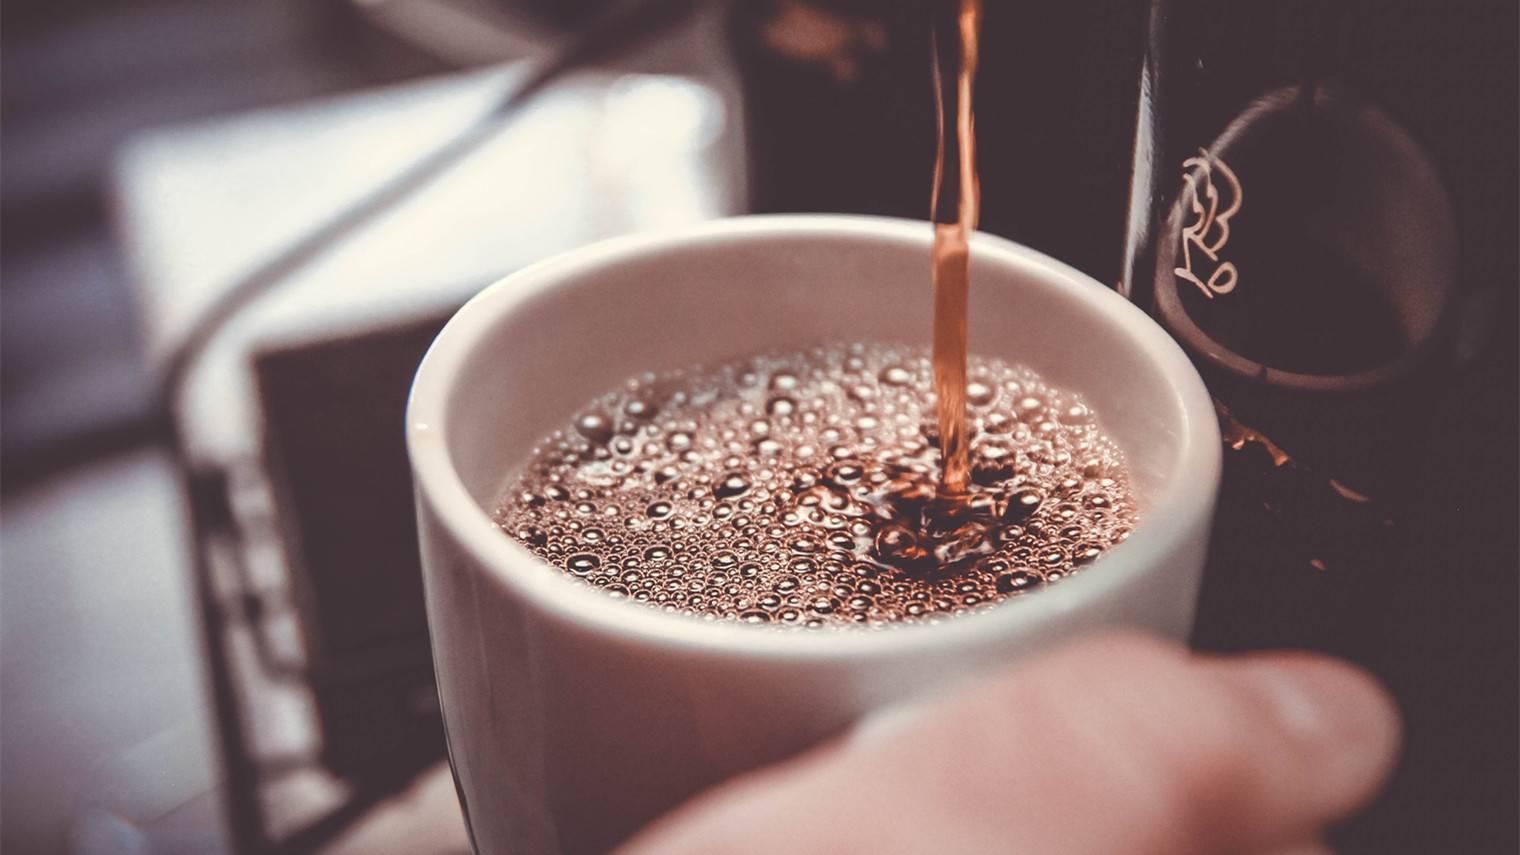 做咖啡不如卖麻辣烫?瑞幸们的下沉是个伪命题